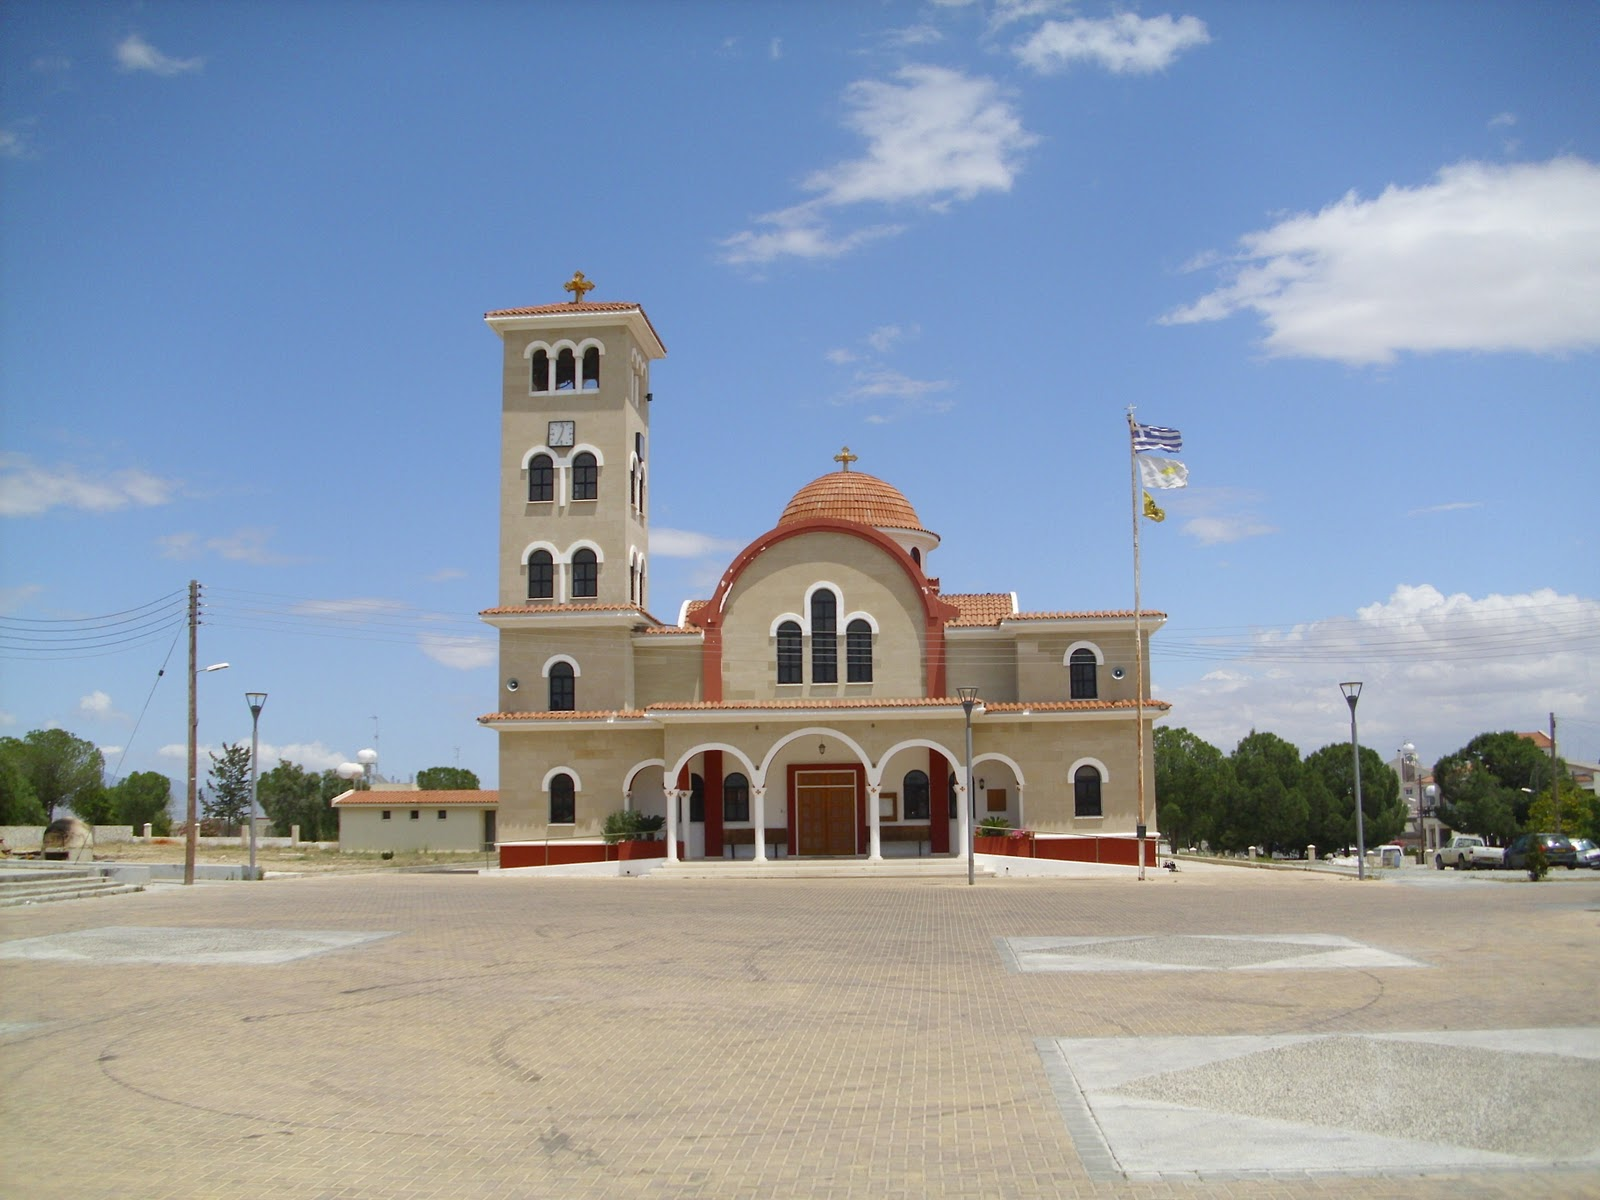 Εκκλησία αγίου χαραλάμπους γερίου